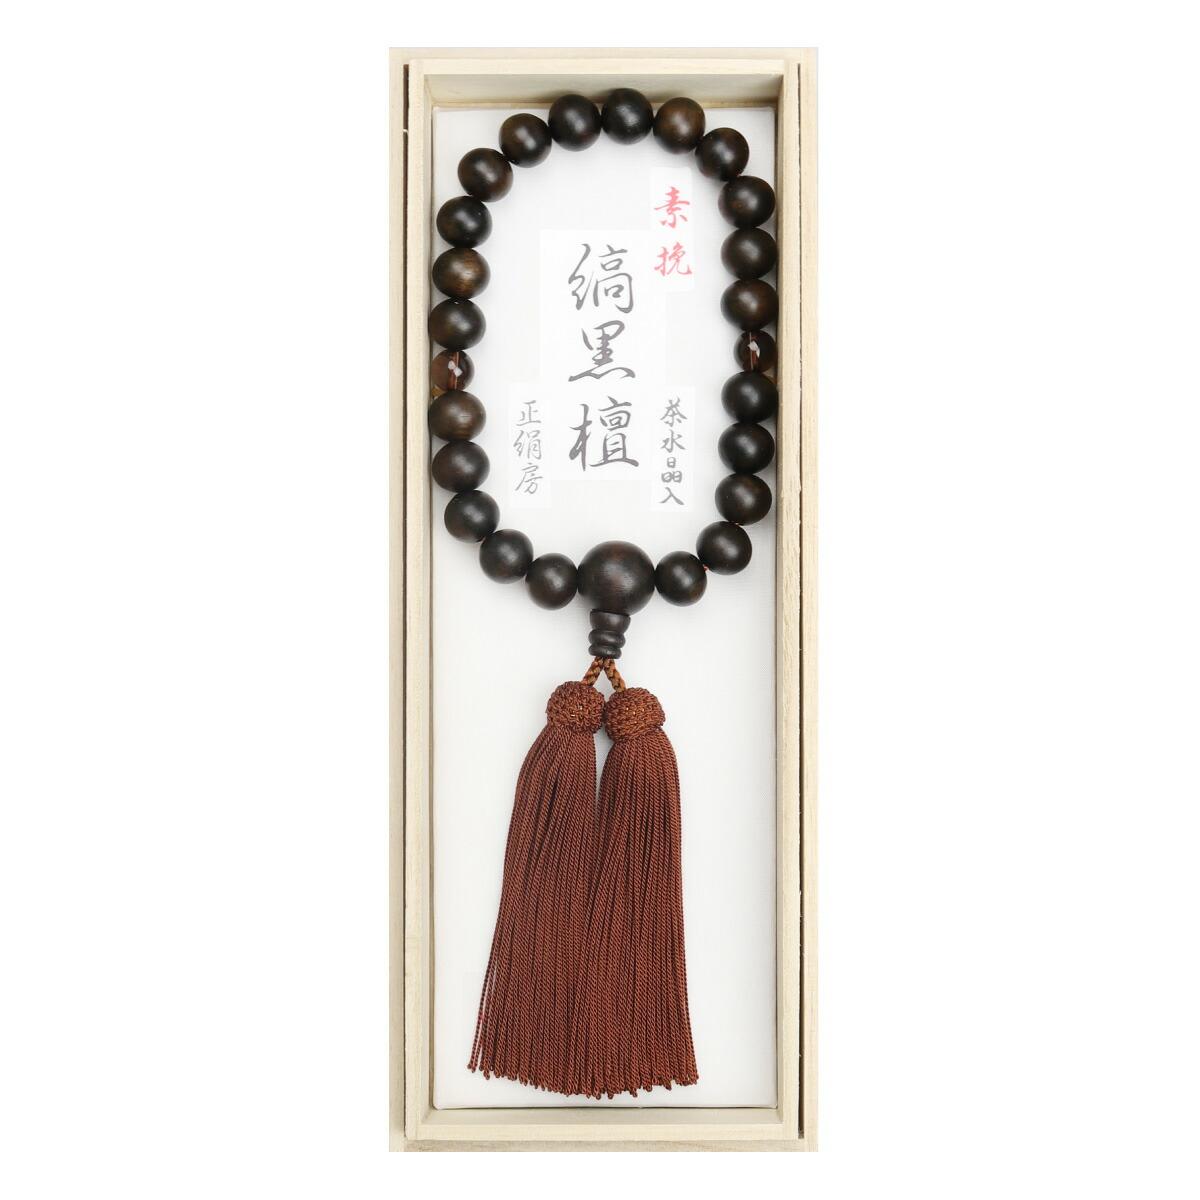 数珠(男性用略式)素挽 縞黒檀22珠(茶水晶) 正絹房